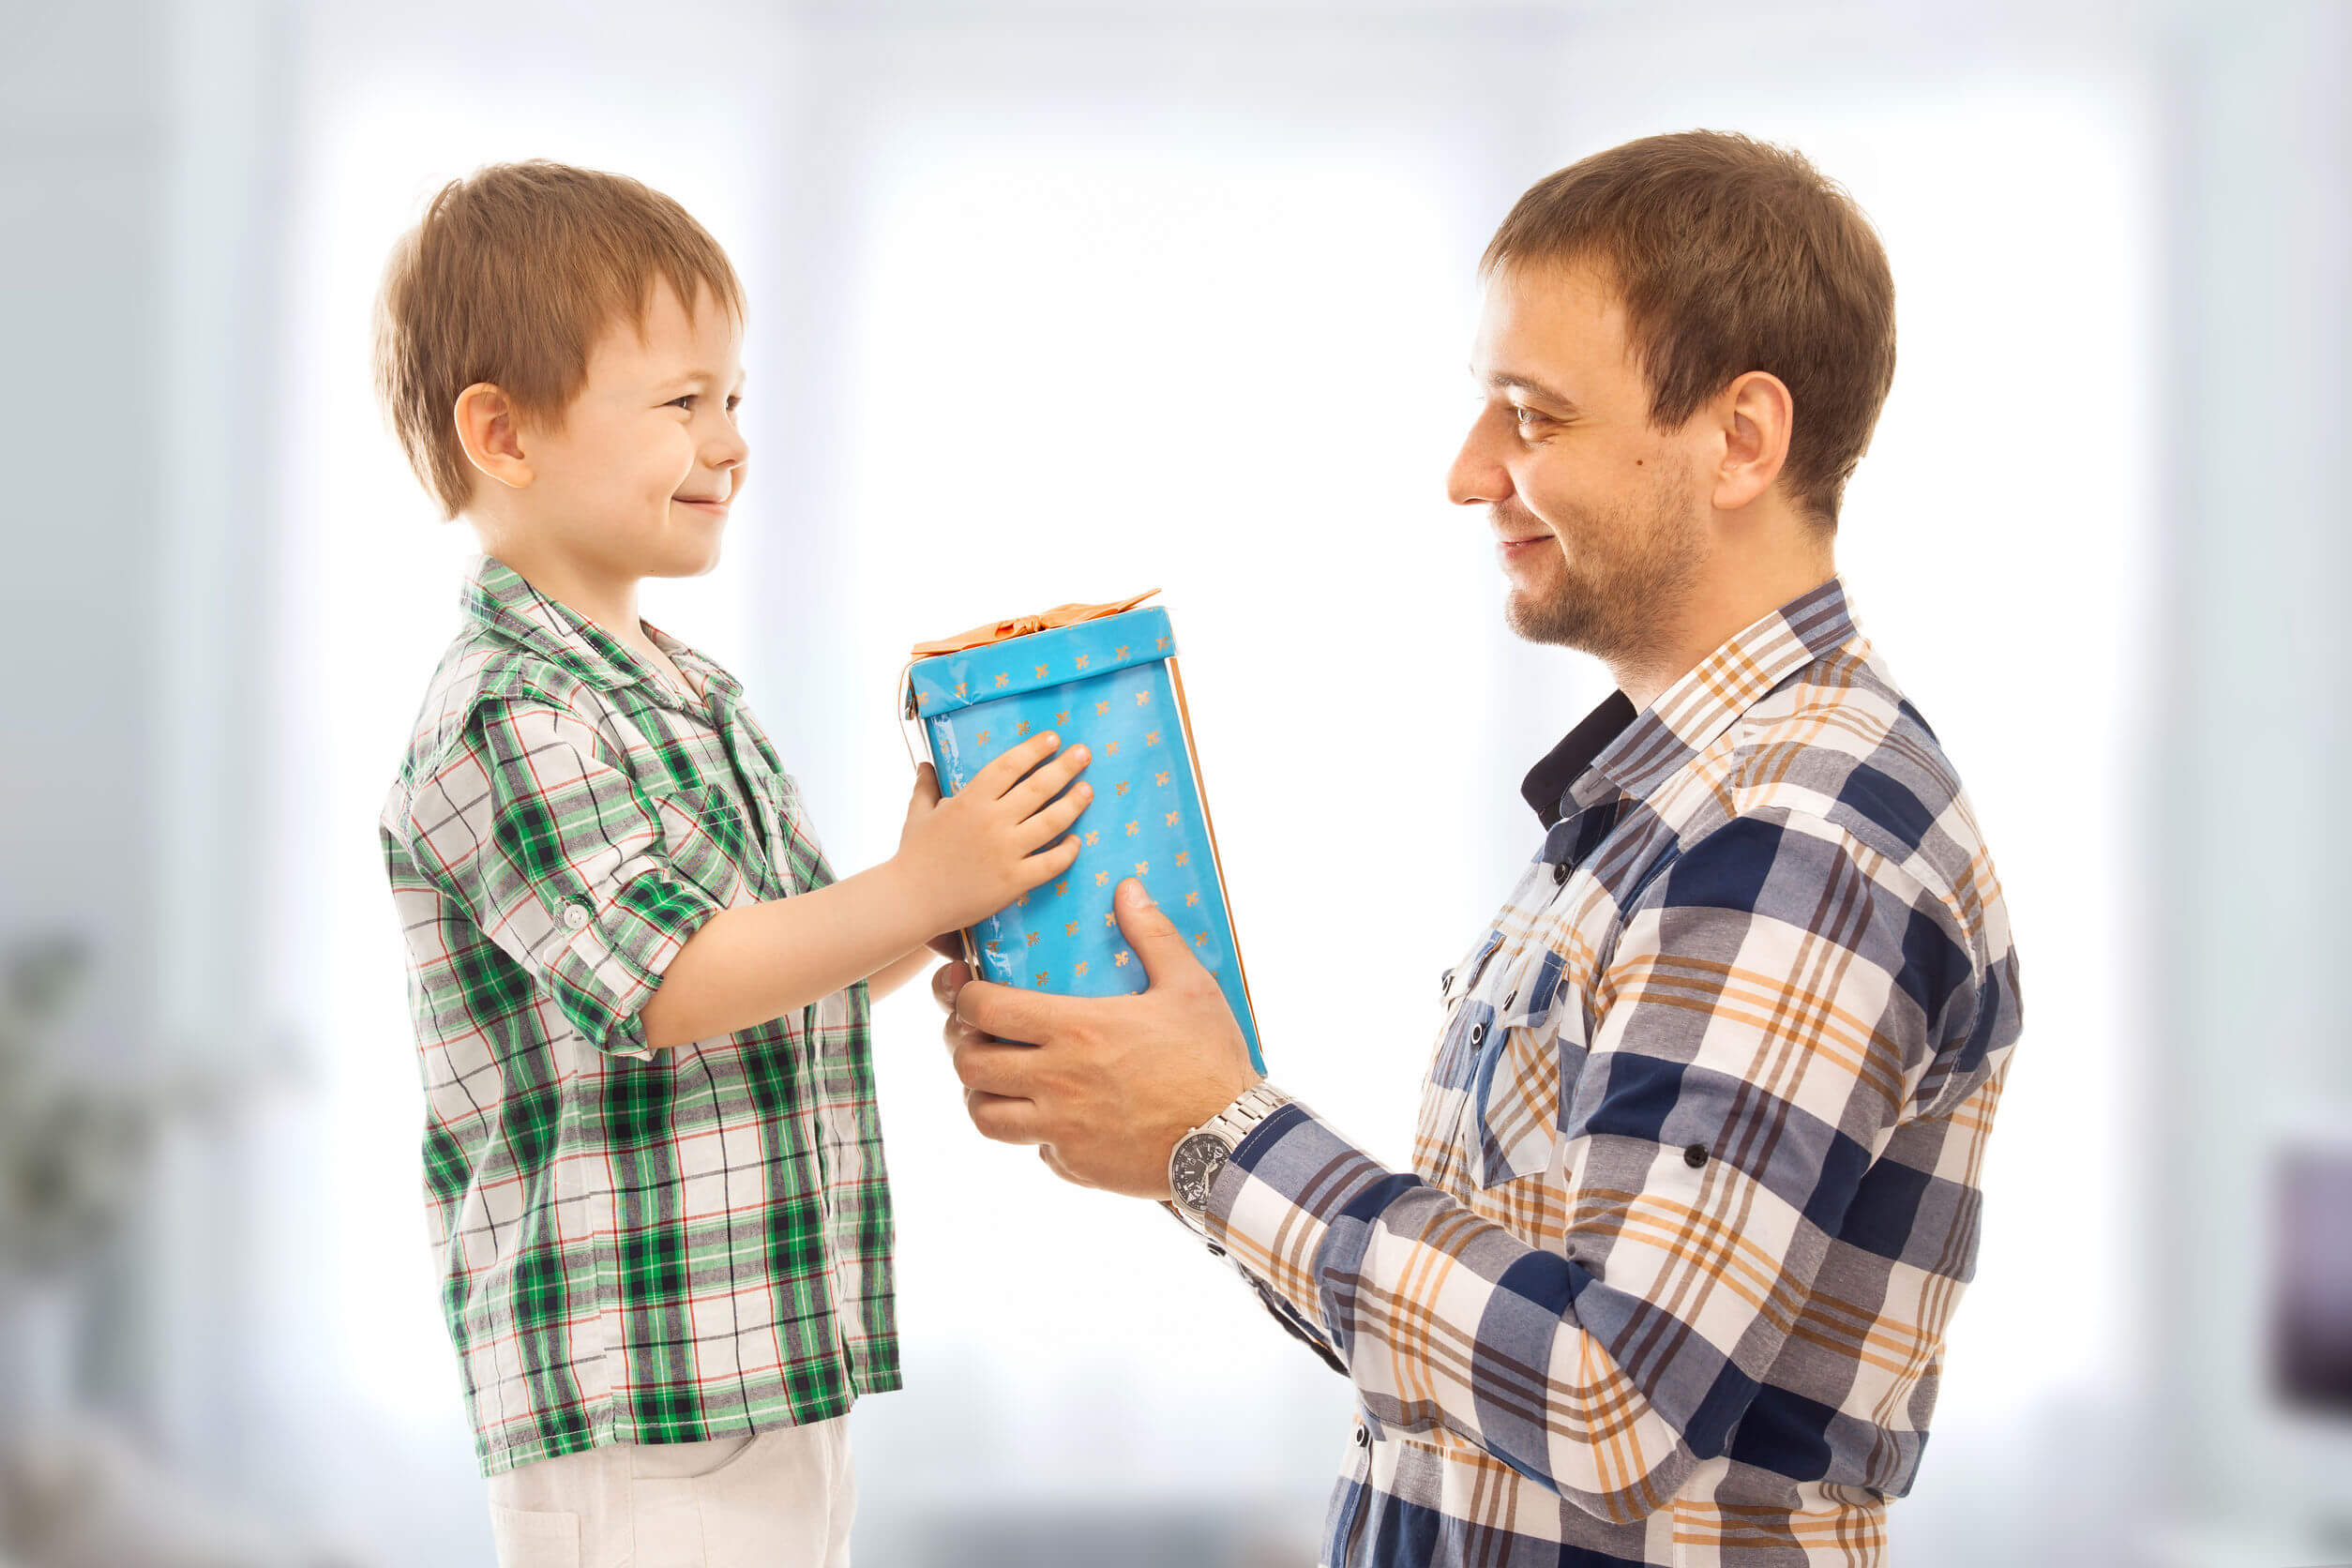 El síndrome del niño hiperregalado: qué es